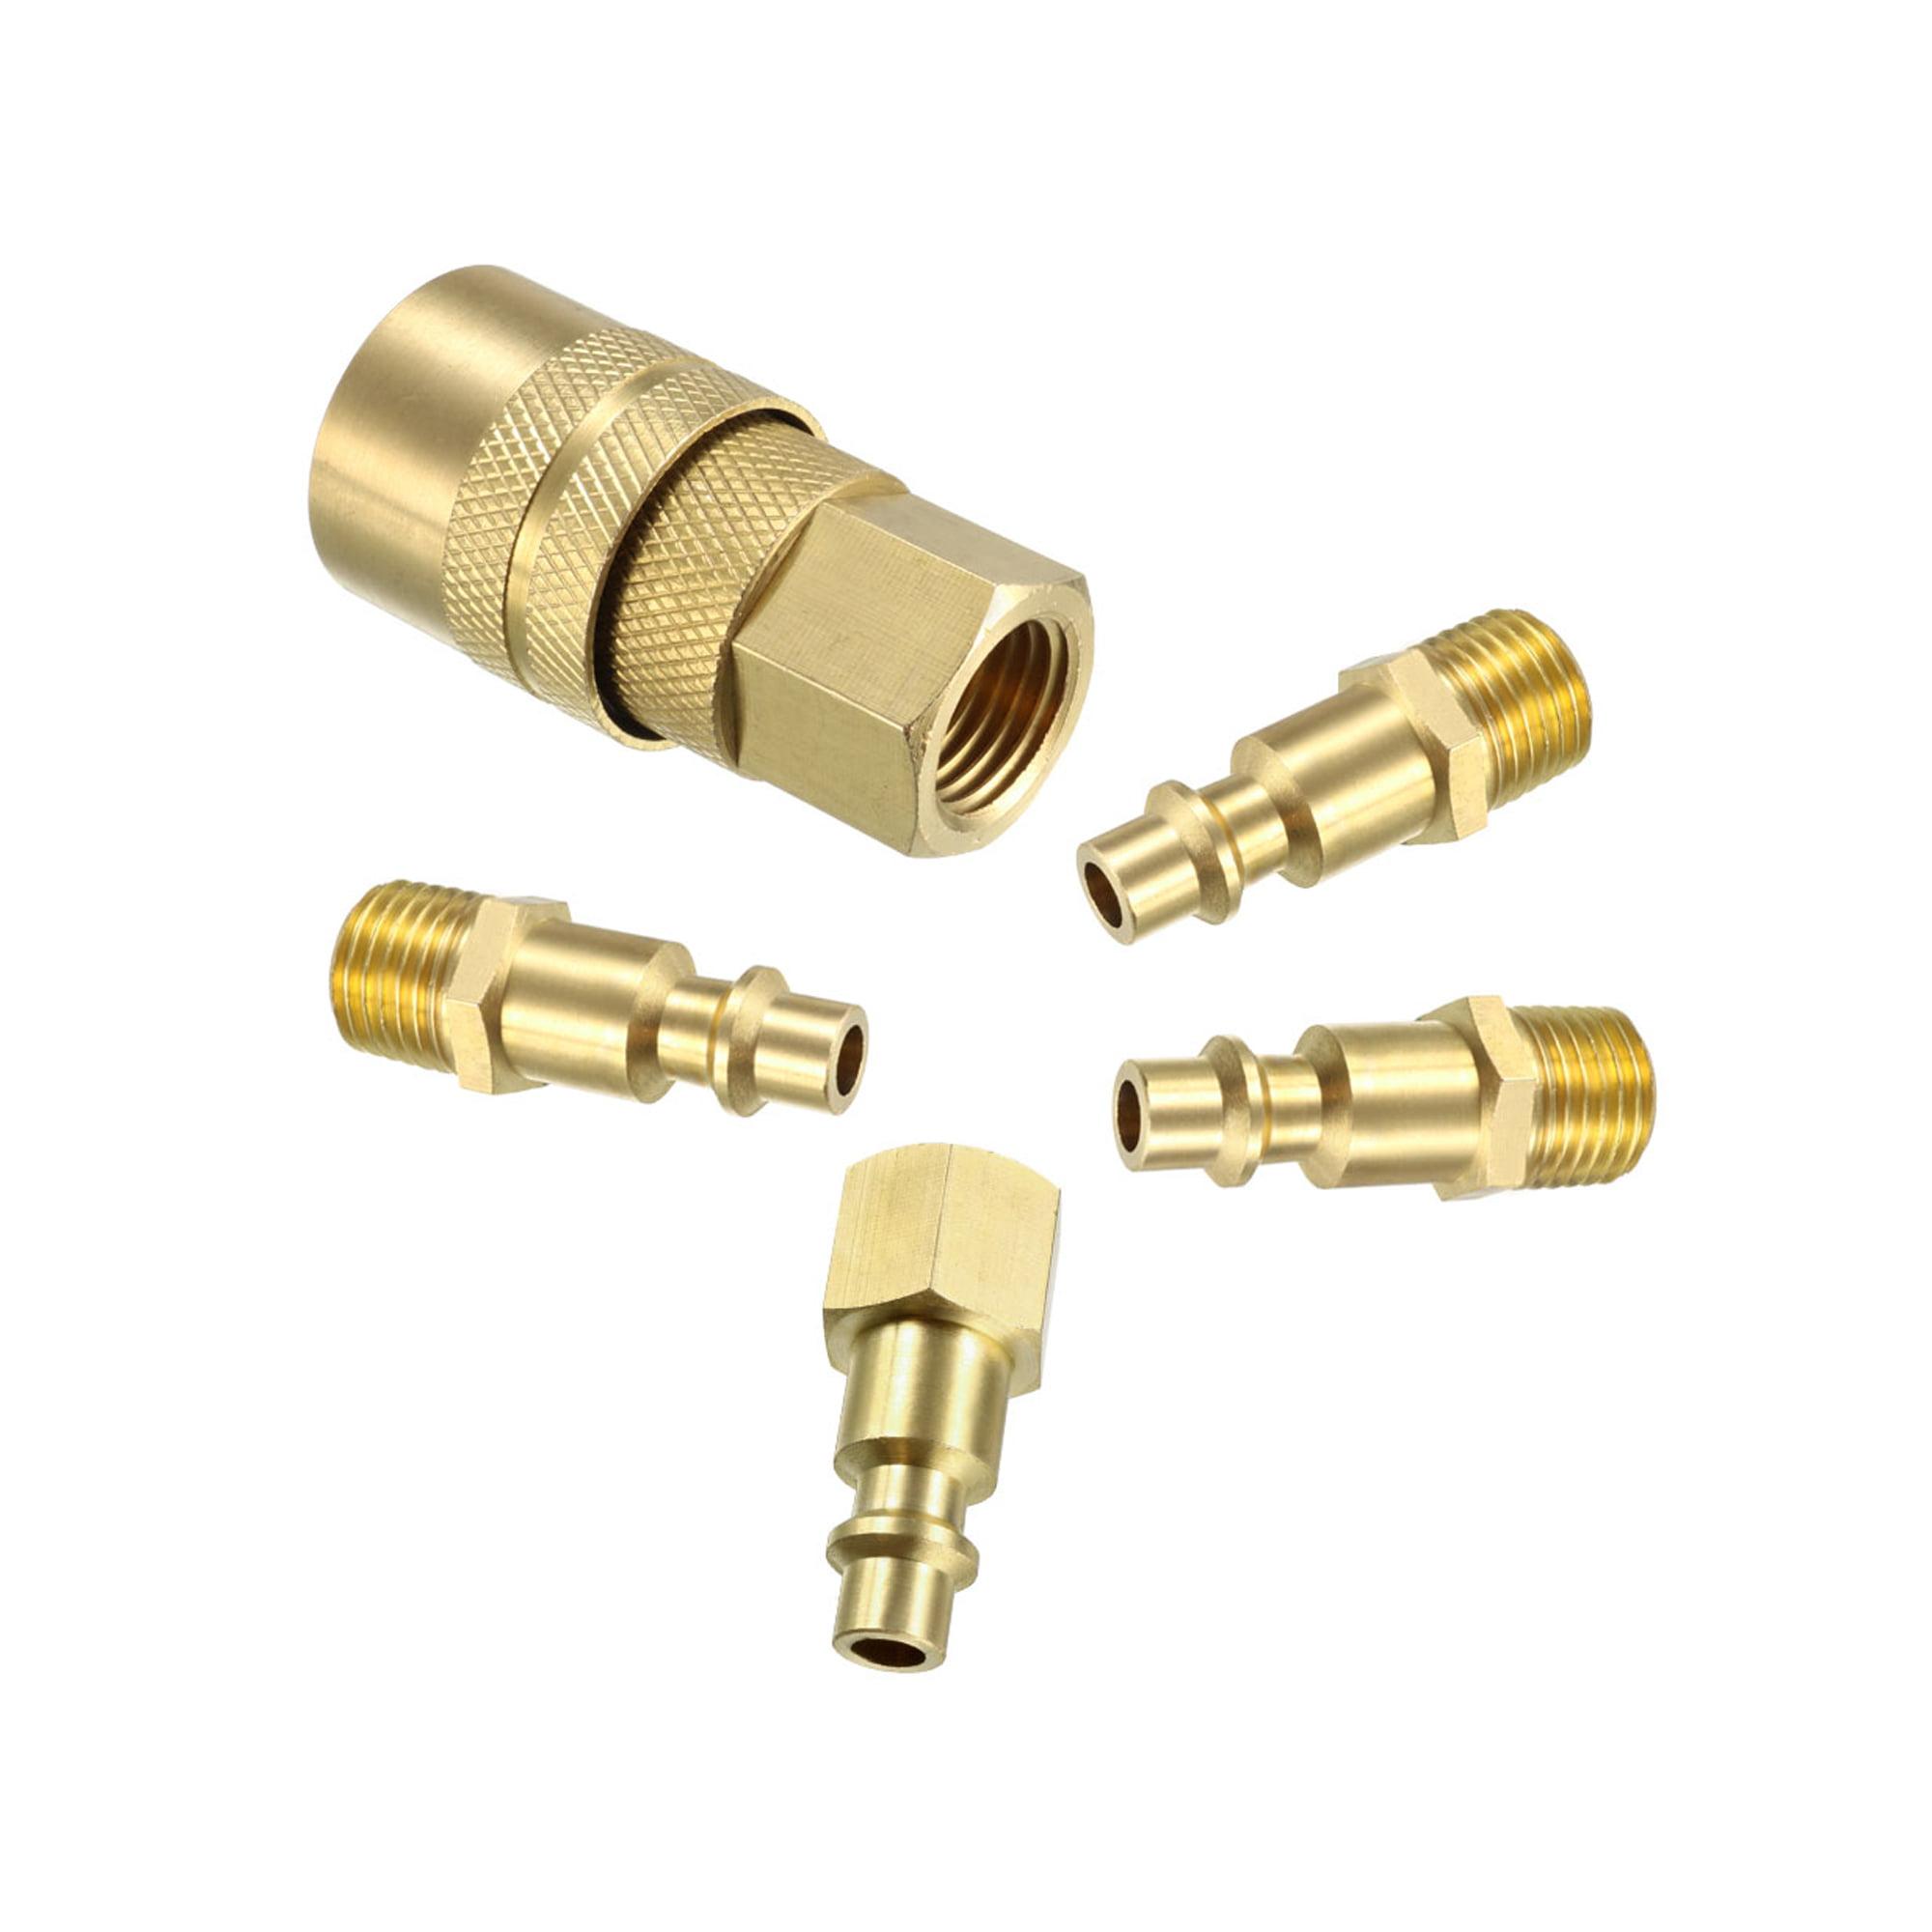 """Coupler & Plug Kit (5 Piece) , 1/4"""" NPT Male/Female Brass Industrial Quick-Connect Fitting Quick Coupler Set - image 4 de 4"""